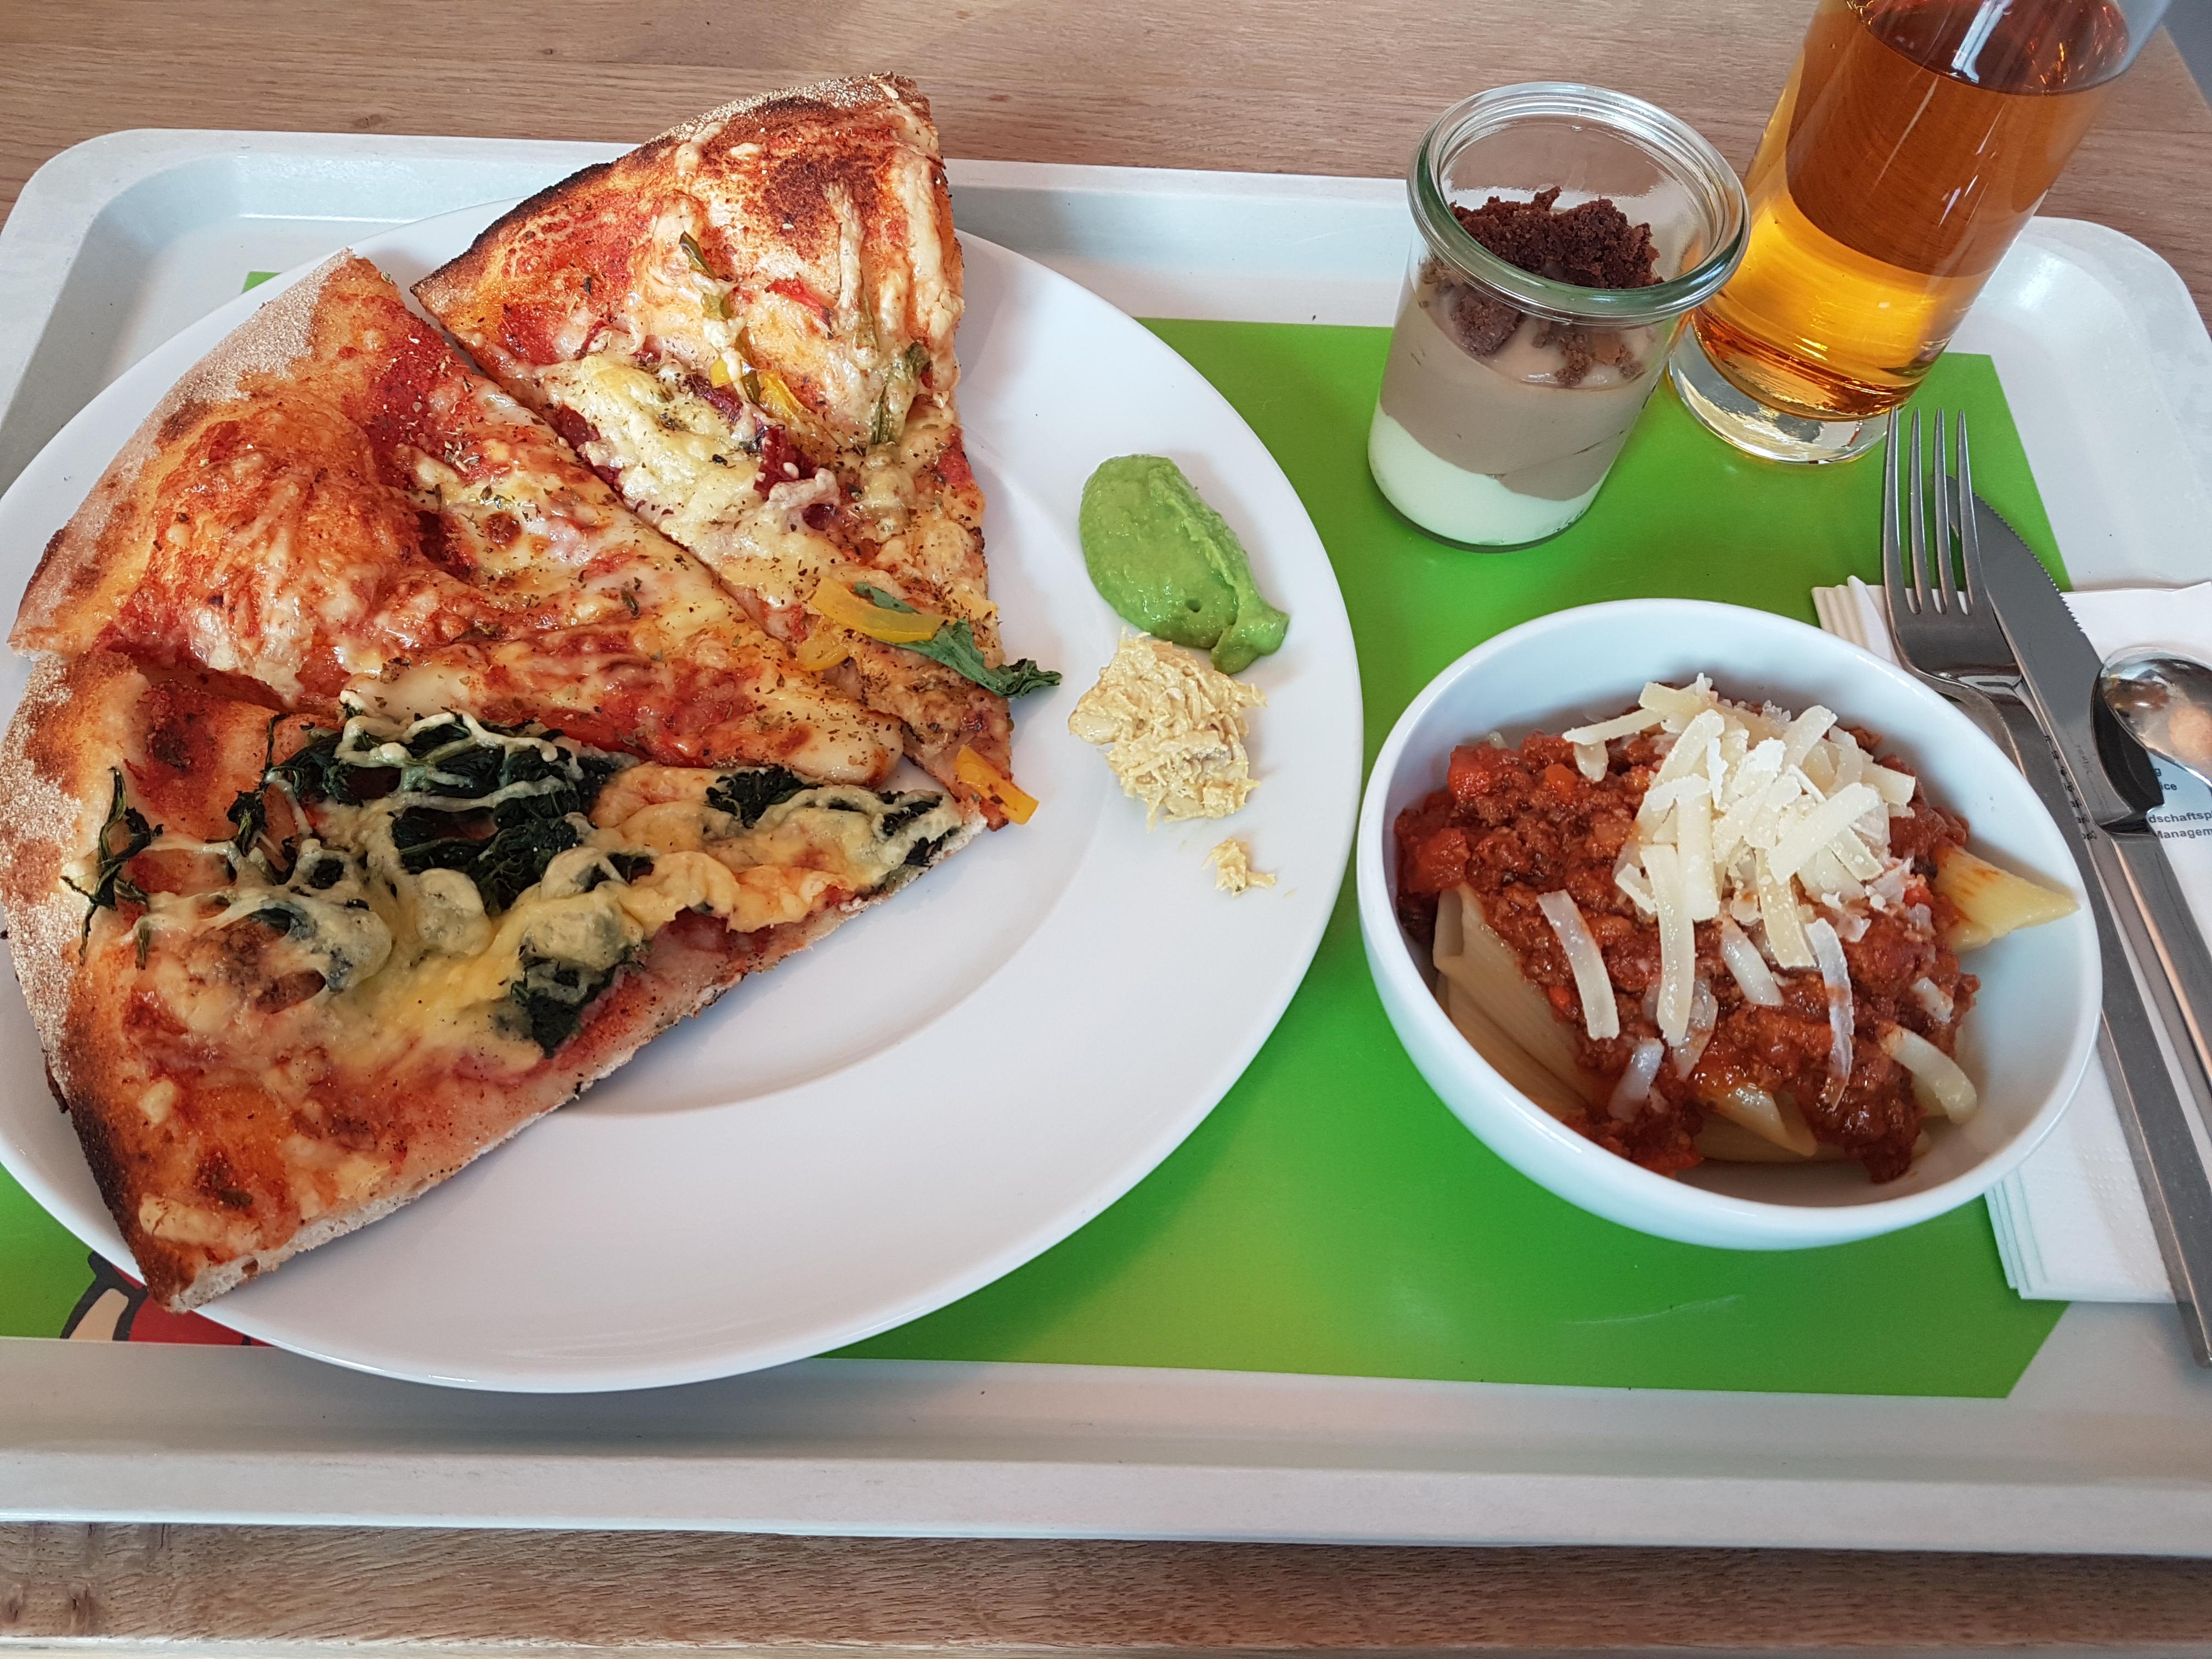 https://foodloader.net/Holz_2018-11-14_Pizza_und_Pasta.jpg